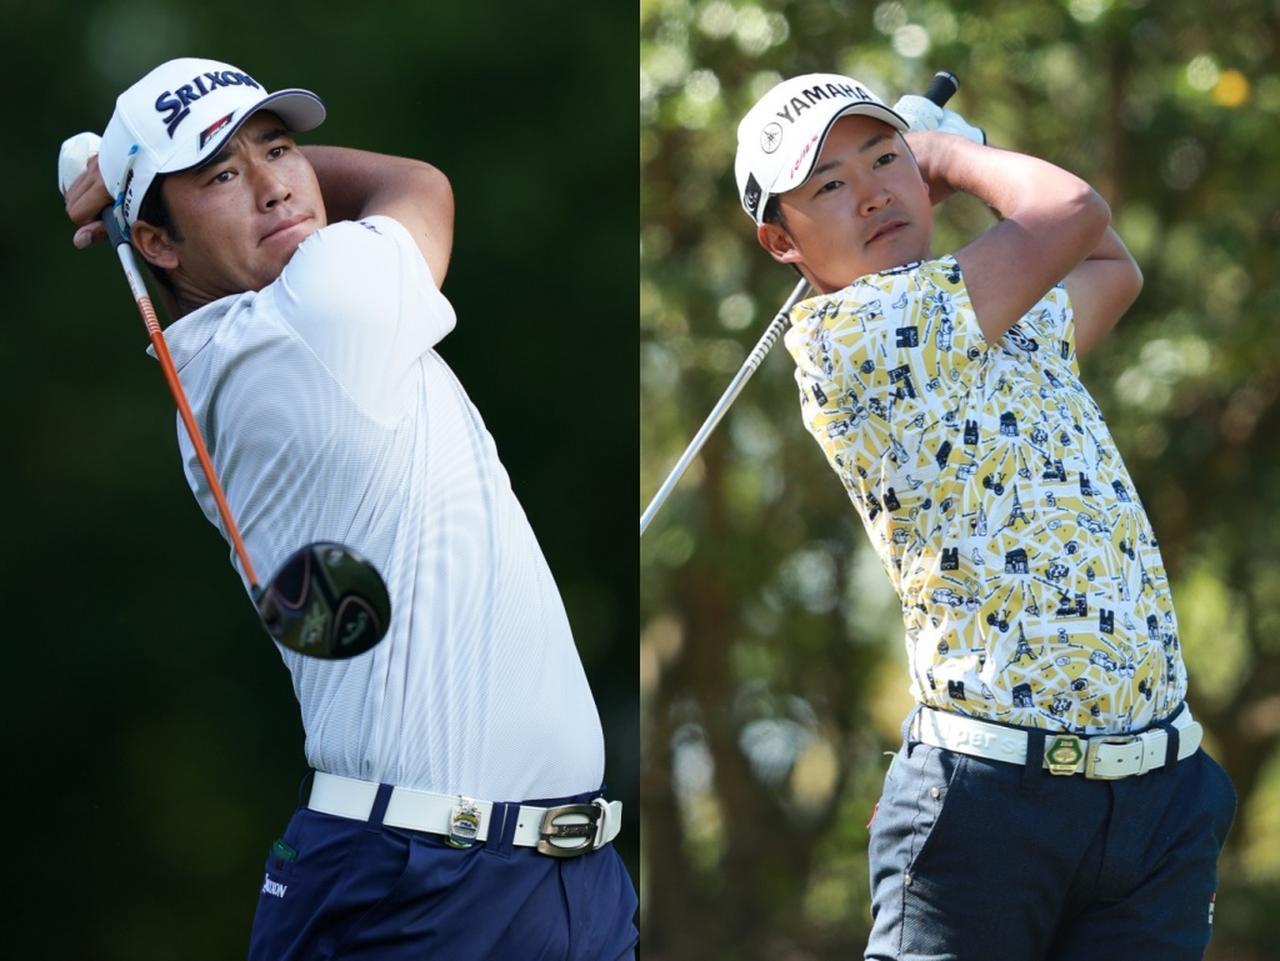 画像: 松山英樹(左)は6位、今平周吾(右)は8位と世界選抜入りの基準となる8位以内に現時点ではランクインしているしている